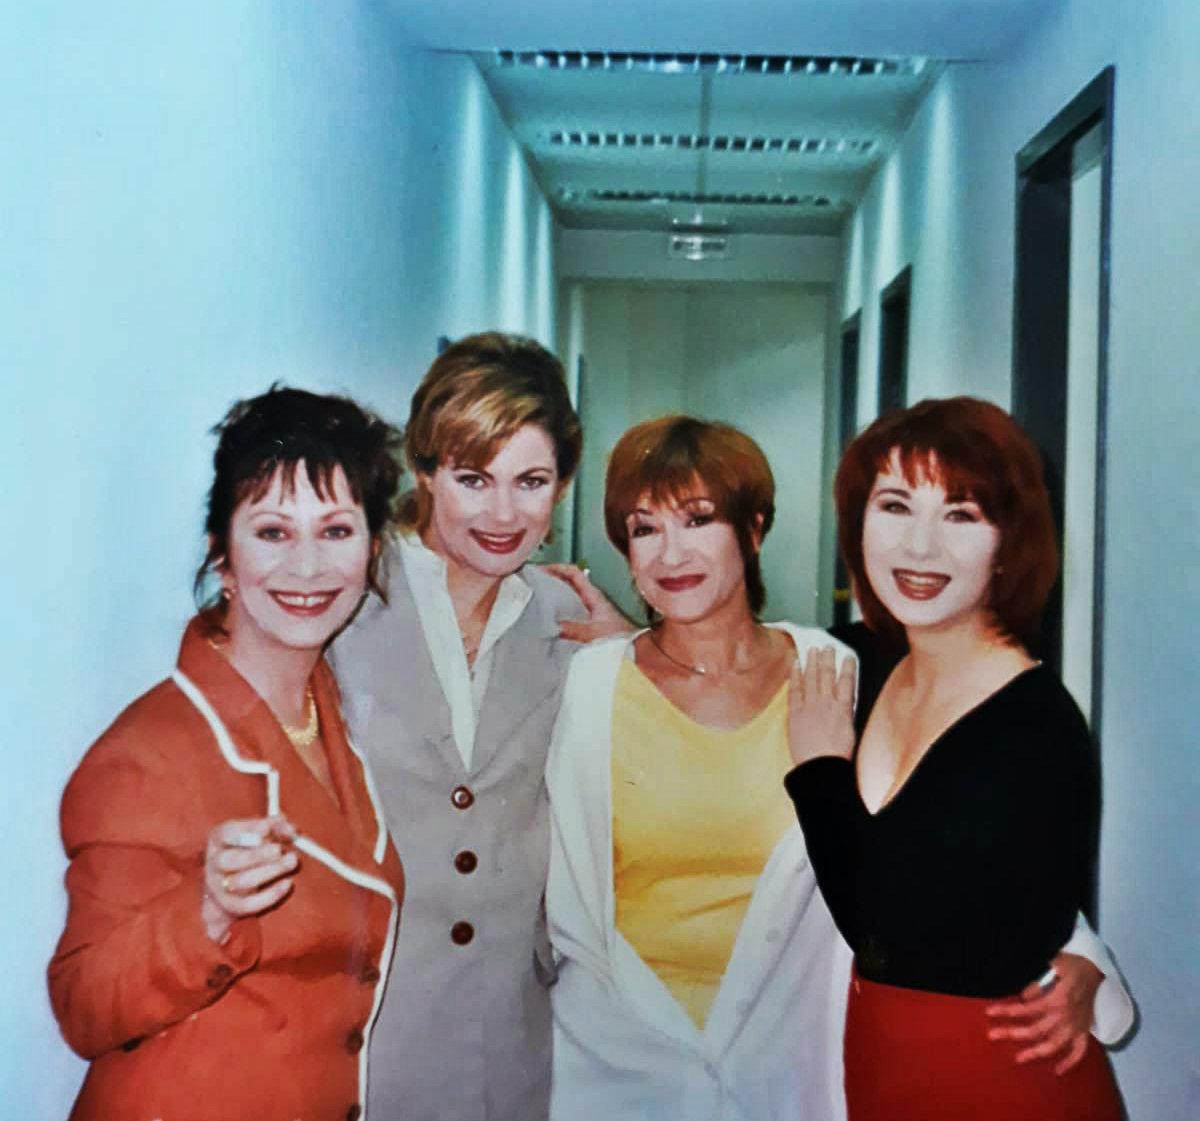 1997, Στιγμιότυπο από γυρίσματα της σειράς